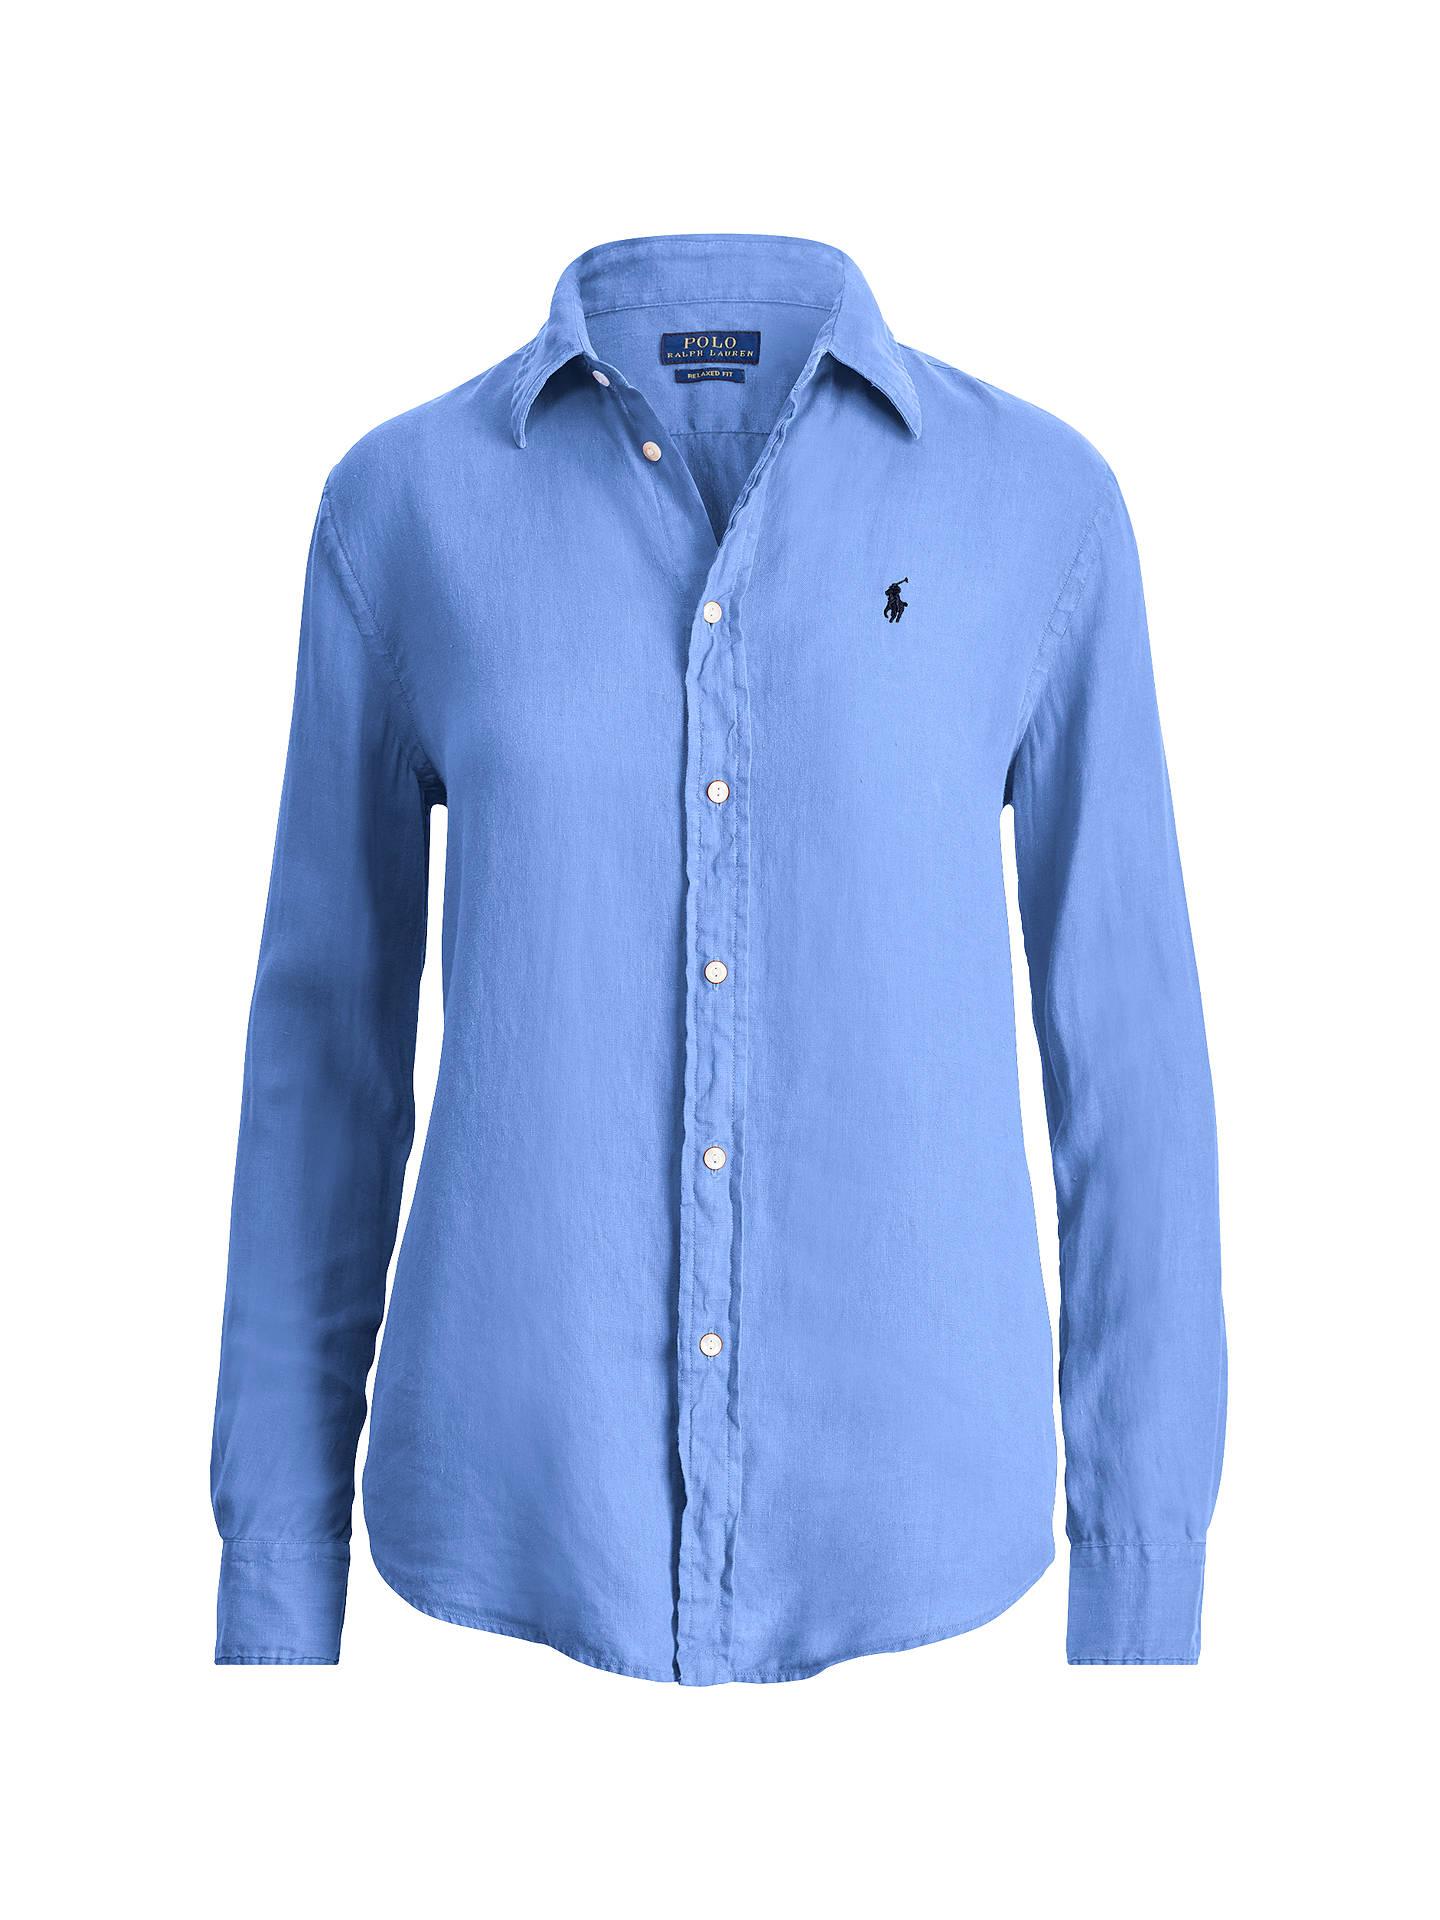 283938781dfa Polo Ralph Lauren Relaxed Fit Linen Shirt at John Lewis   Partners